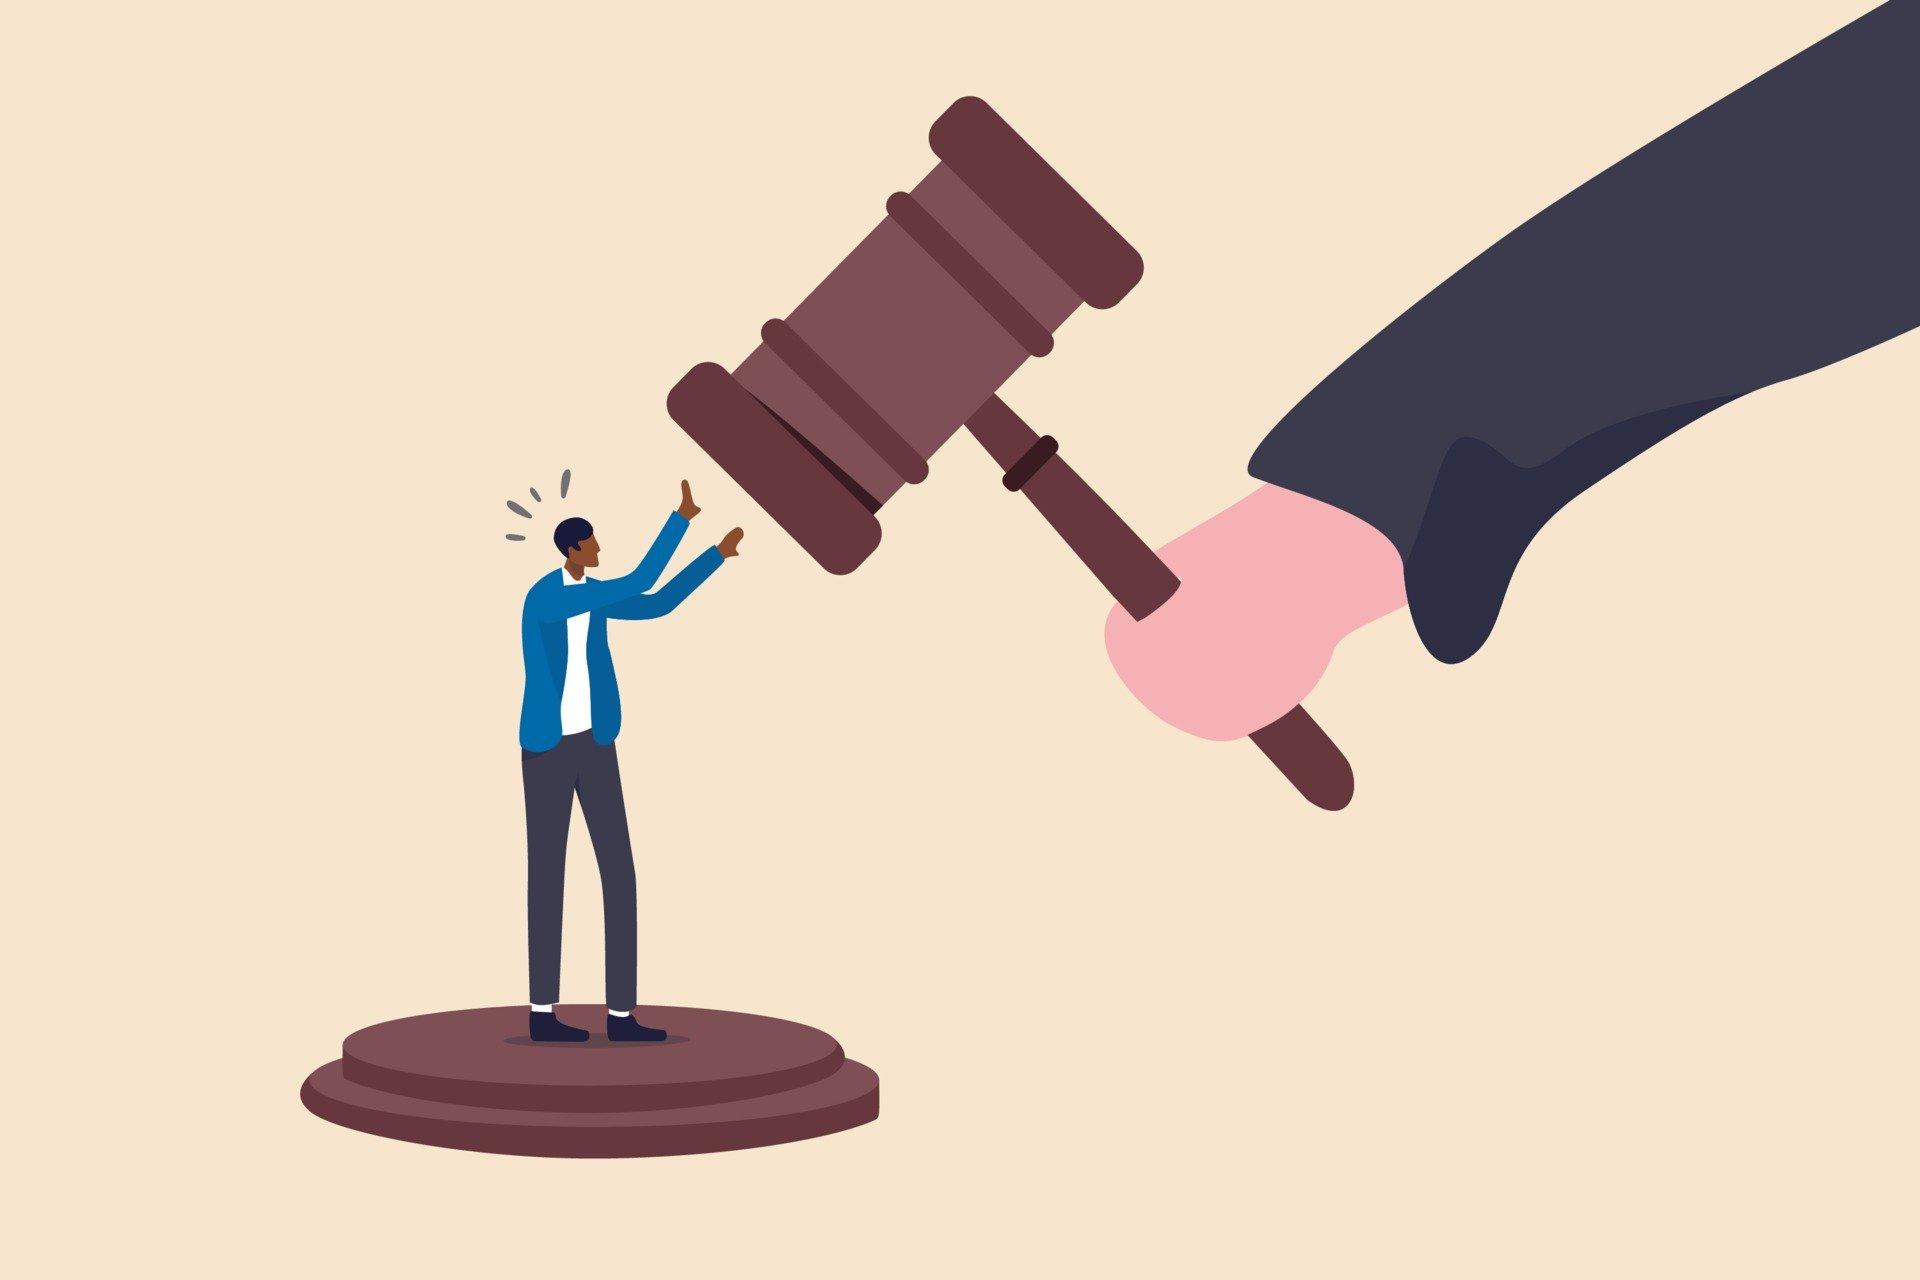 Il marcio della magistratura colpisce anche noi. Serve un aiuto